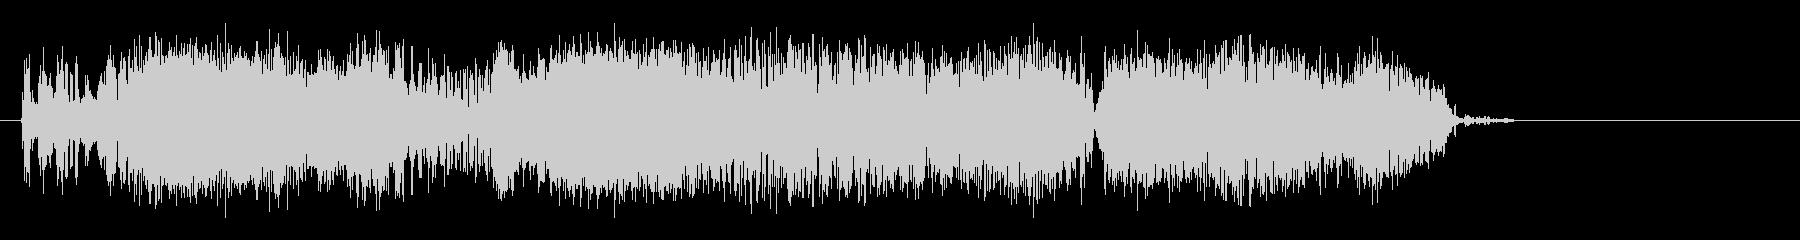 変身=トランスフォームのトリッキーな音源の未再生の波形